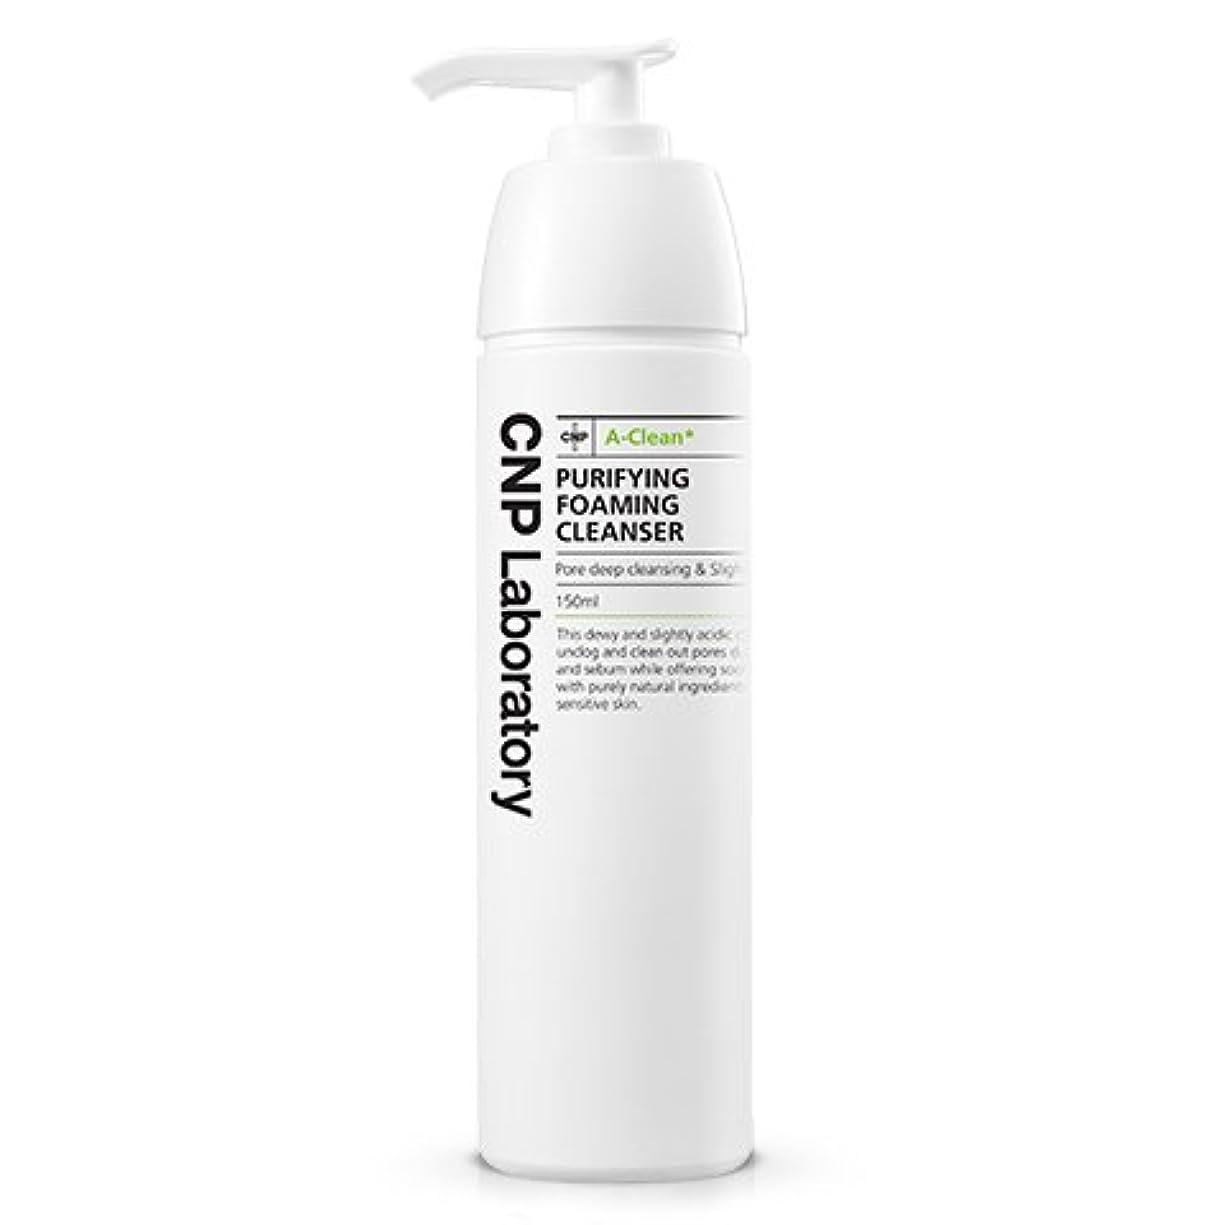 前文気配りのある嵐のCNP Laboratory Aクリーンピーリングフォーミングクレンザー/A-Clean Purifying Foaming Cleanser 150ml [並行輸入品]